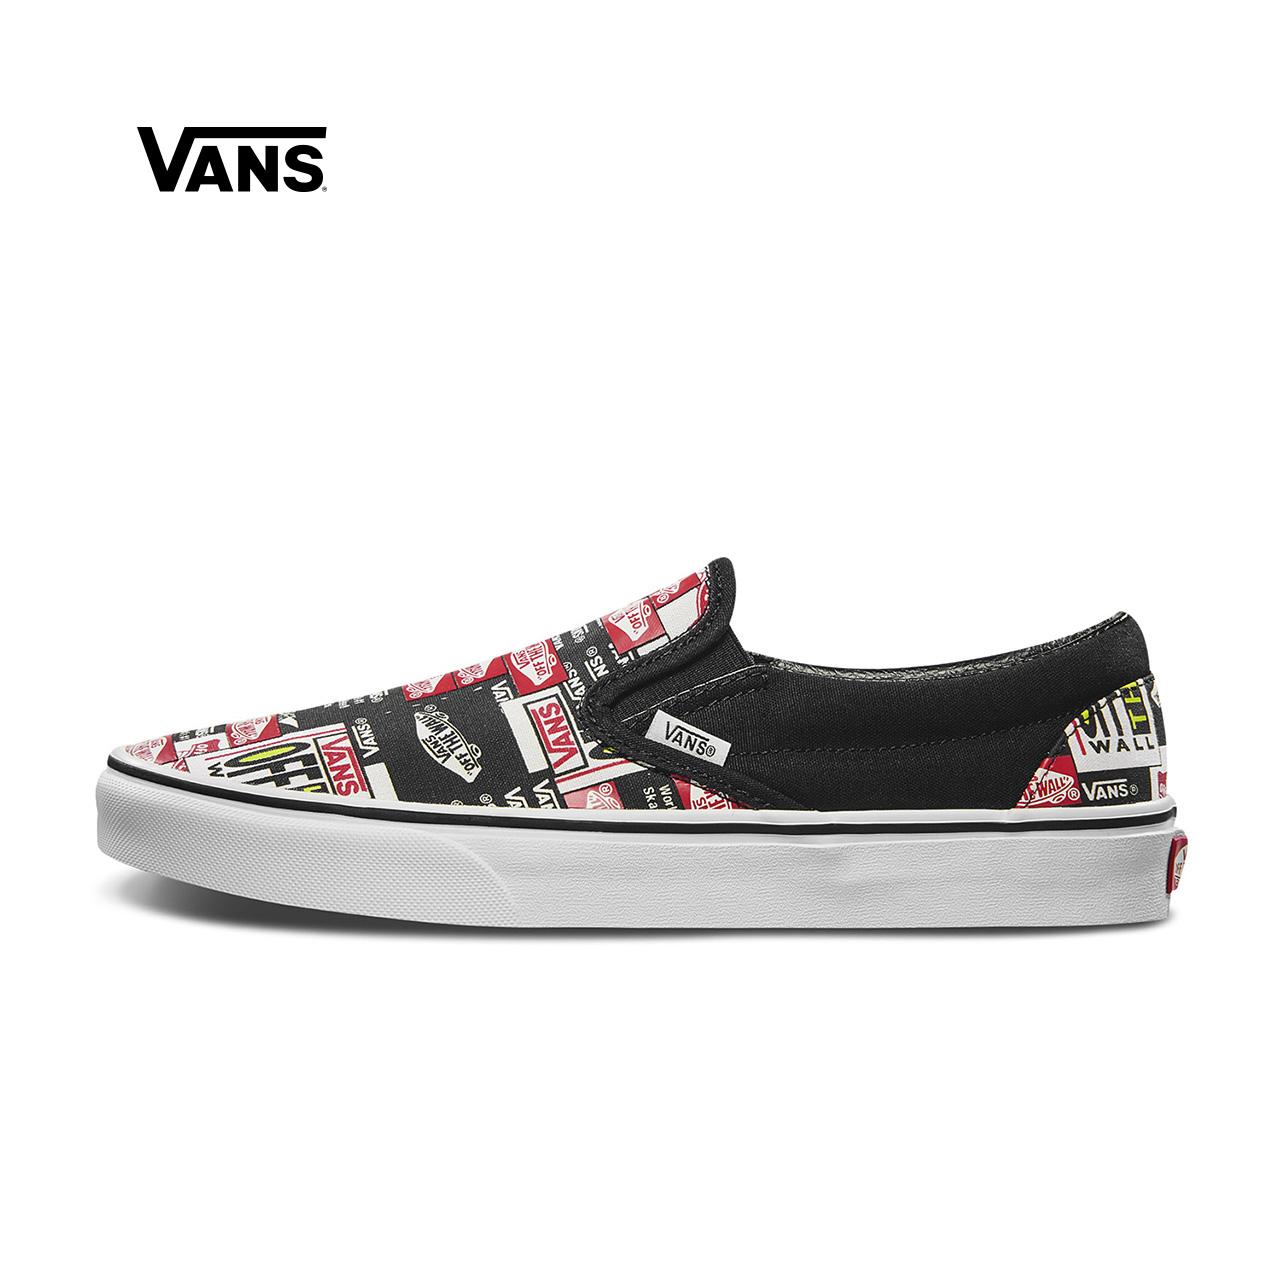 Vans范斯 经典系列 Slip-On帆布鞋 低帮男女新款官方正品